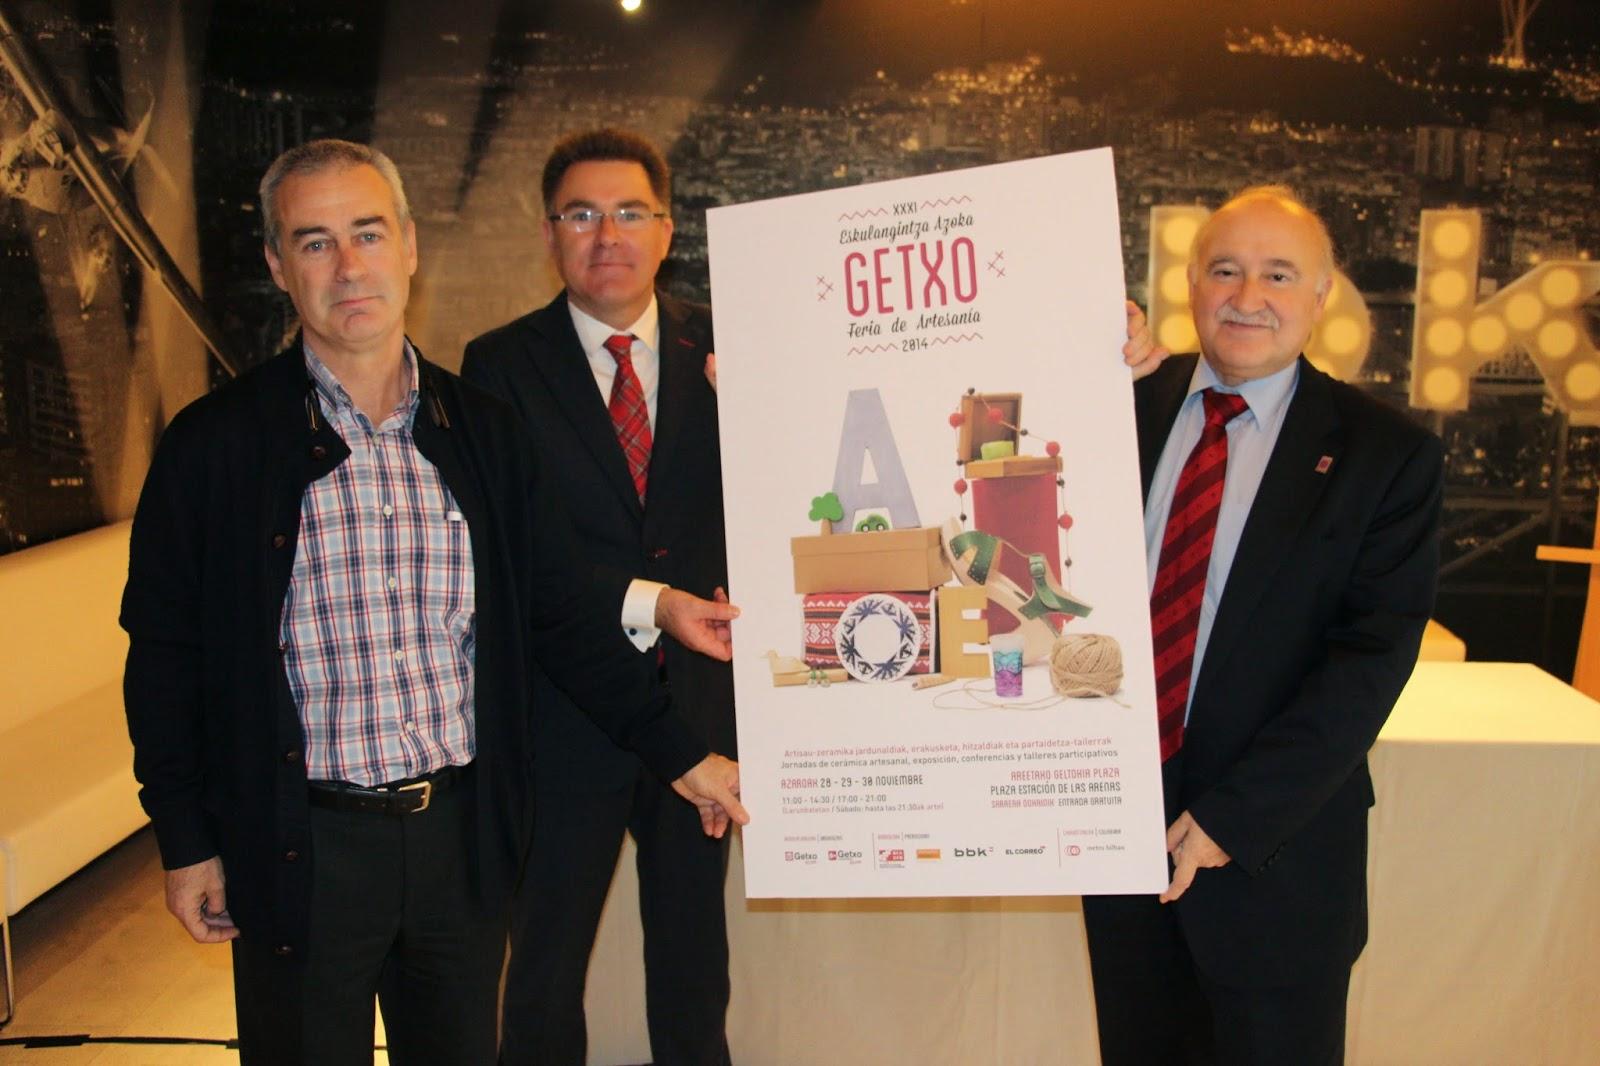 Imanol Landa Blog A Del 28 Al 30 De Noviembre Feria De Artesania